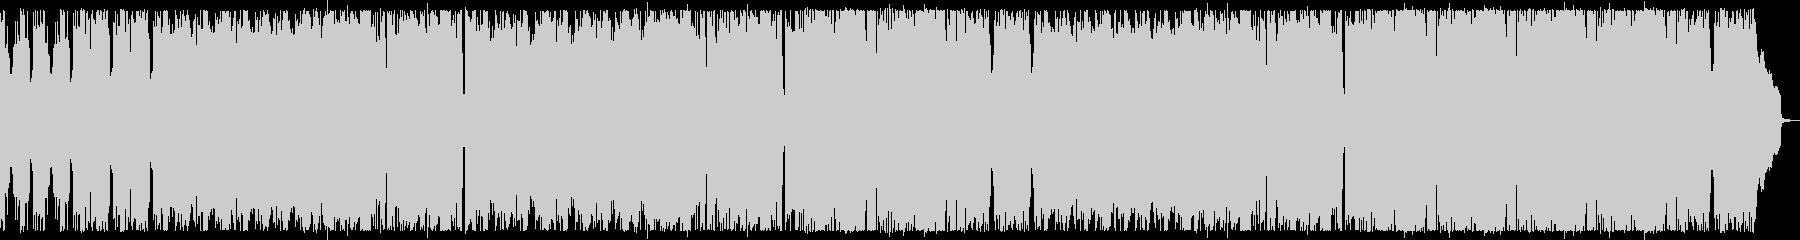 ラテン風リズムとトランペットのインスト曲の未再生の波形